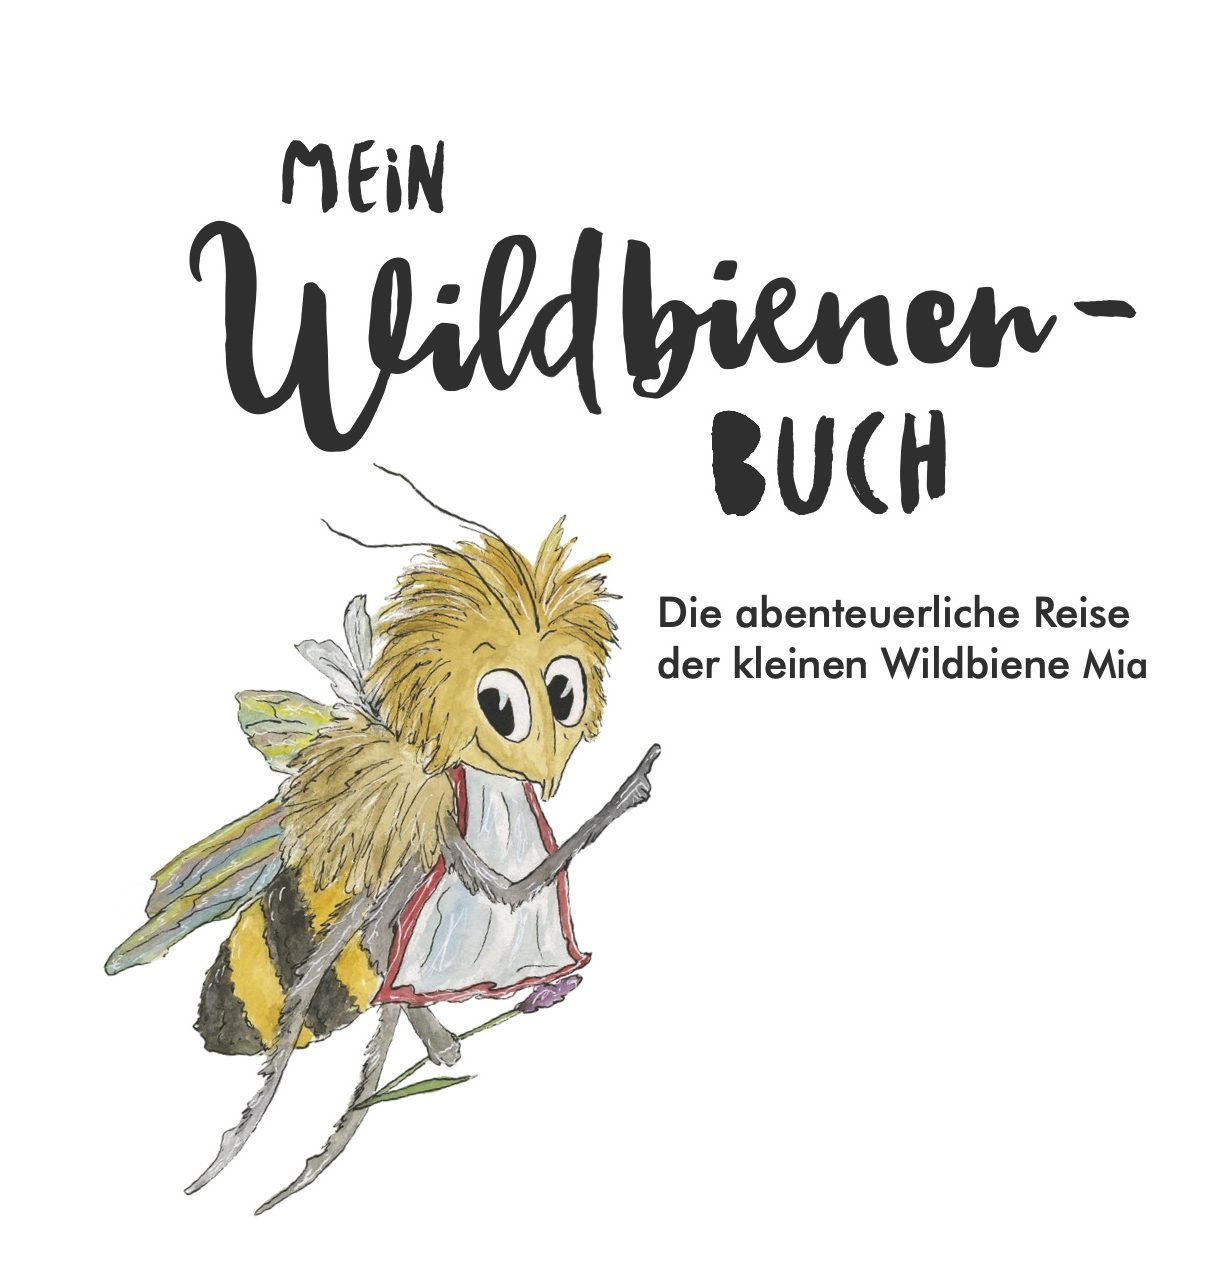 Wildbiene_die_abenteuerliche_Reise